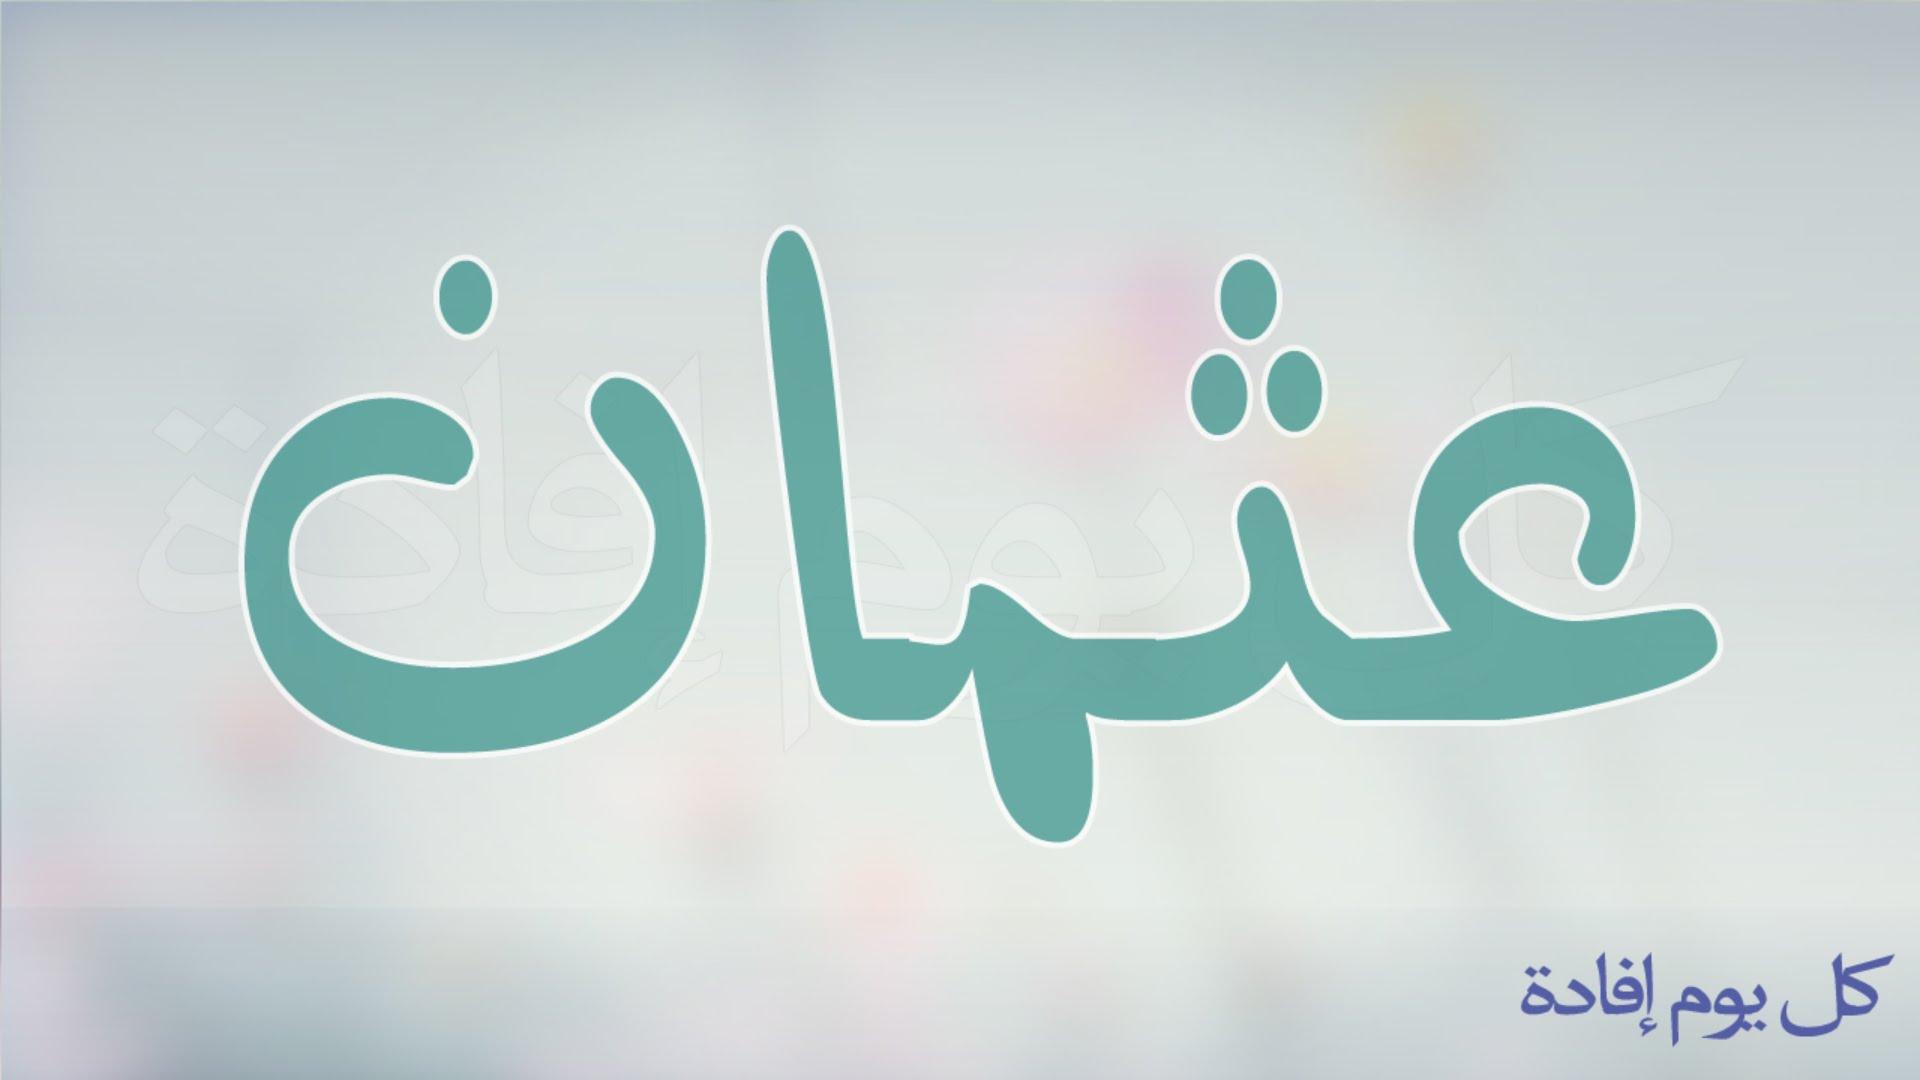 بالصور معنى اسم عثمان , معاني الاسماء عثمان 2495 1